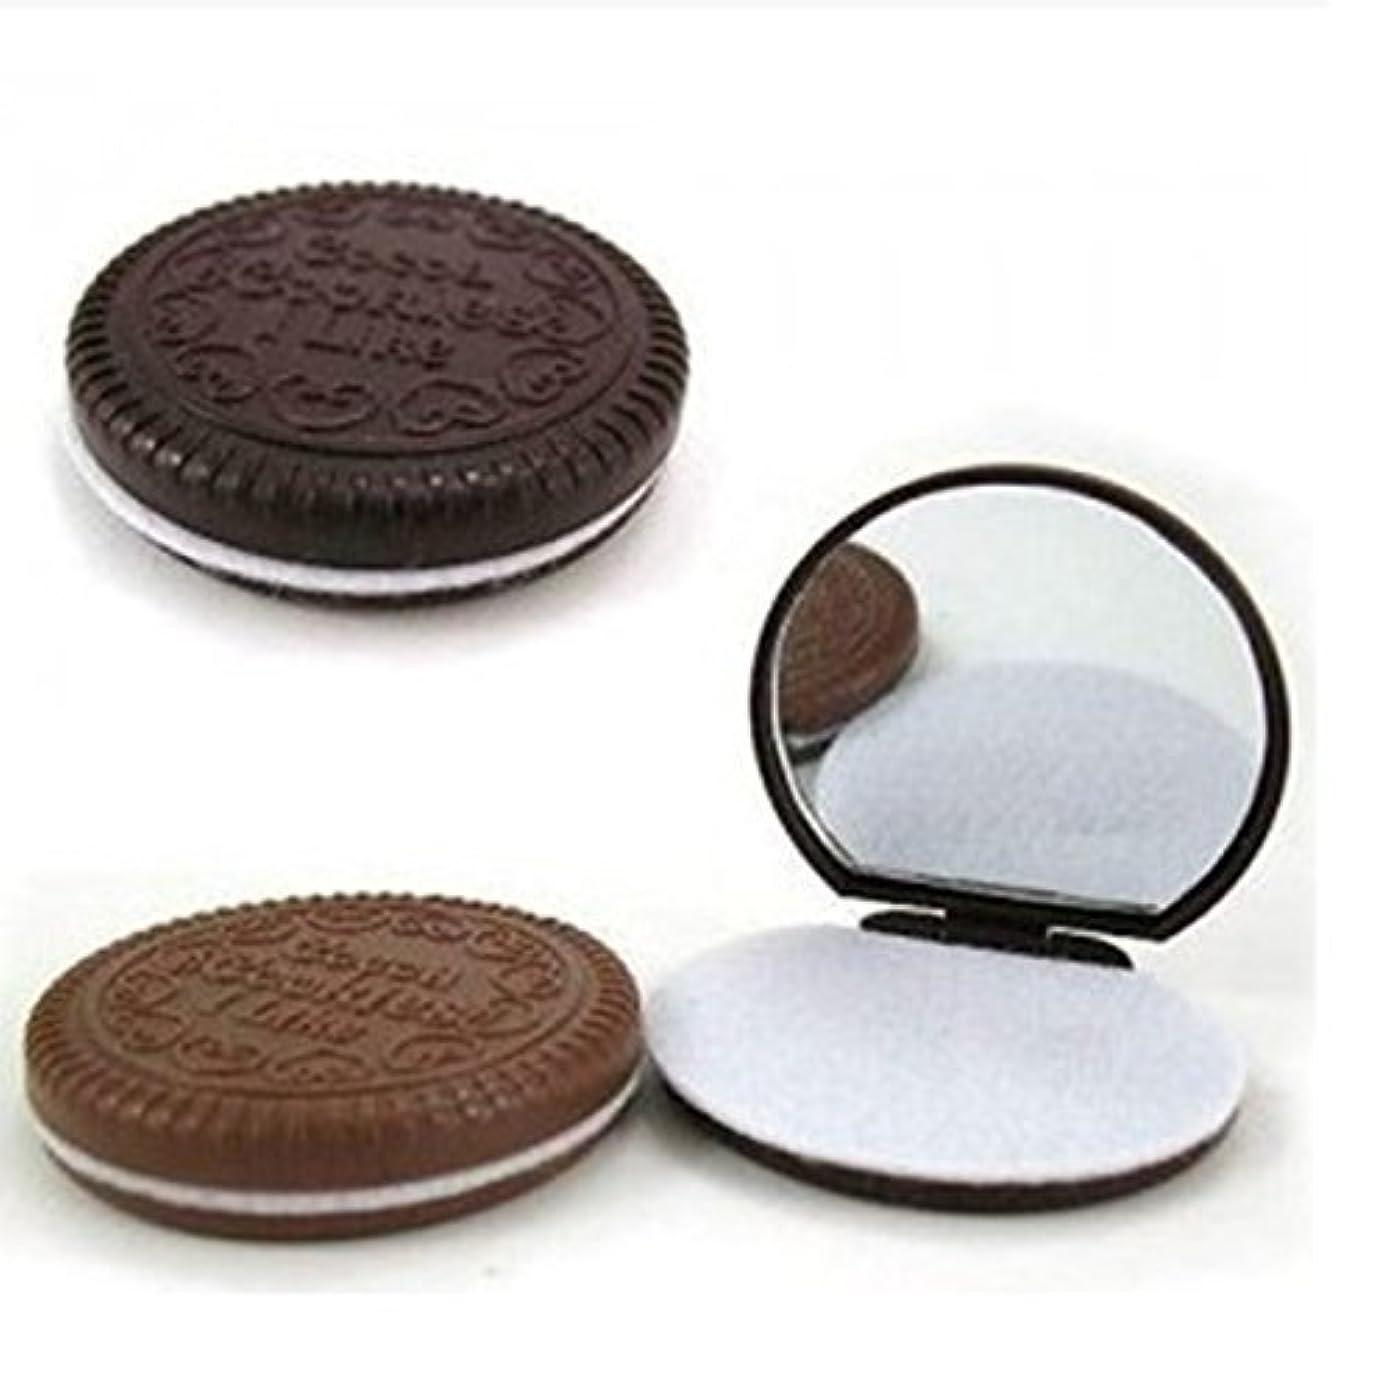 上級ハグ診療所3 Pcs Cute Chocolate Makeup Mirror With Comb Women Hand Pocket Compact Makeup Tools Great Gift [並行輸入品]